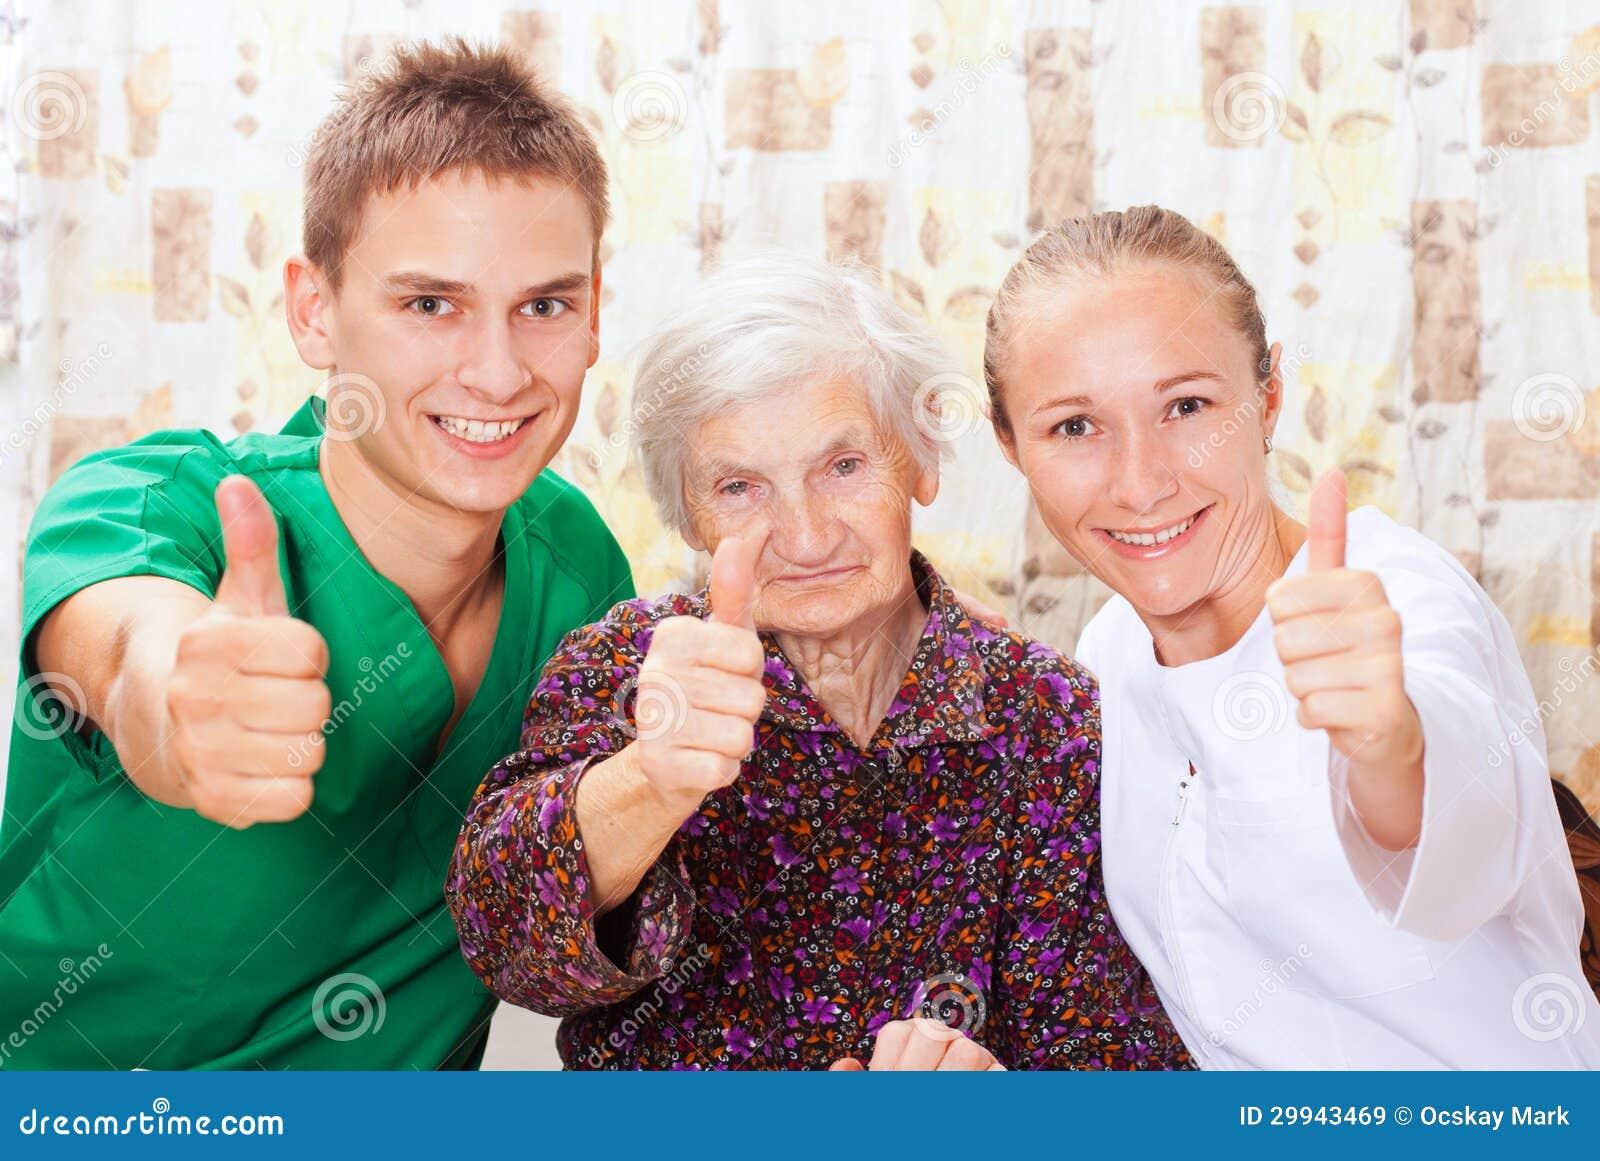 Пожилым знакомство